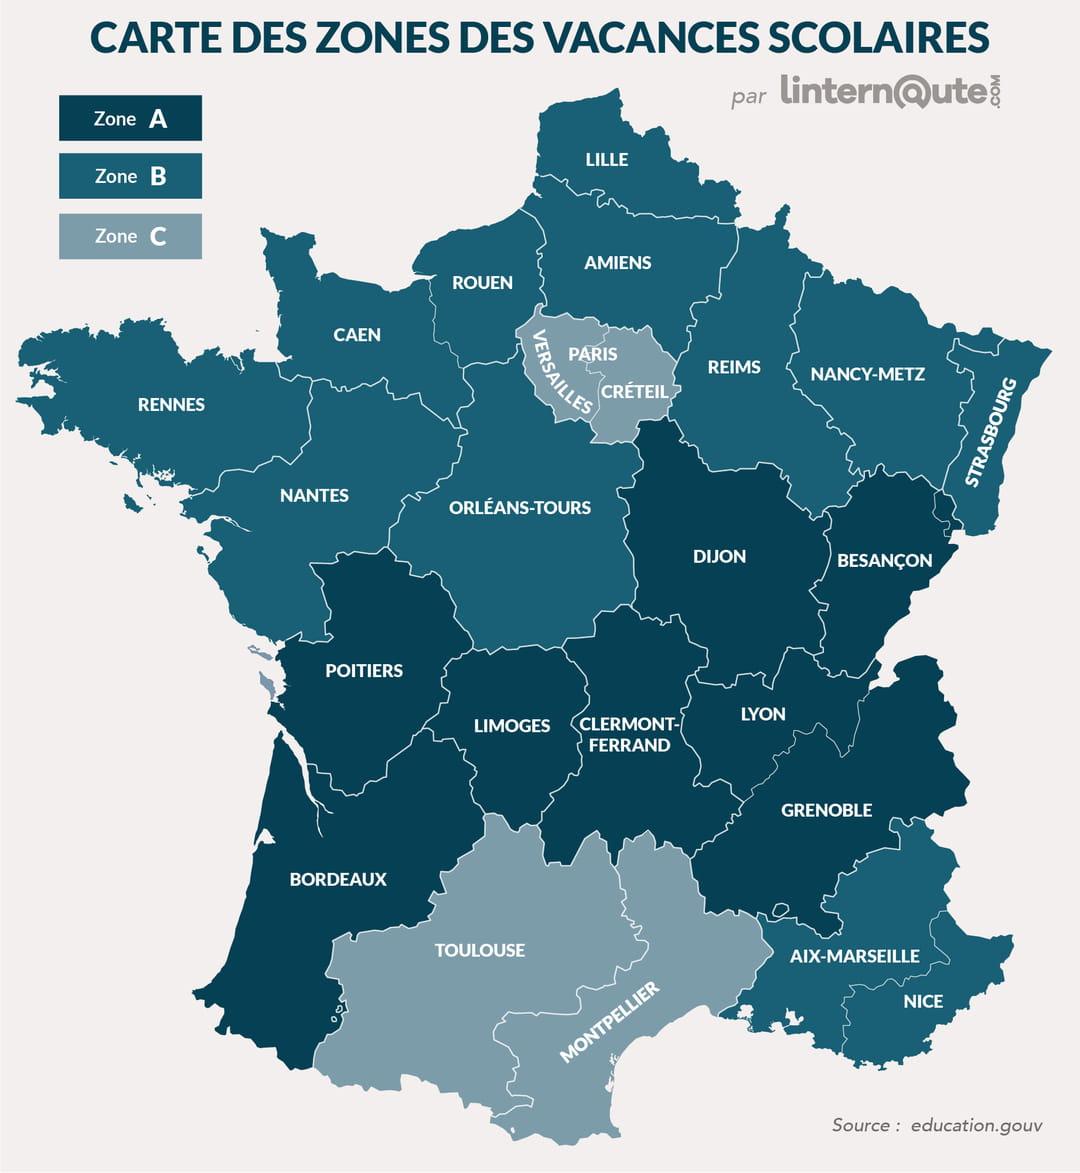 Vacances Scolaires : Brevet, Bac, Le Calendrier Scolaire concernant Liste Des Régions Françaises